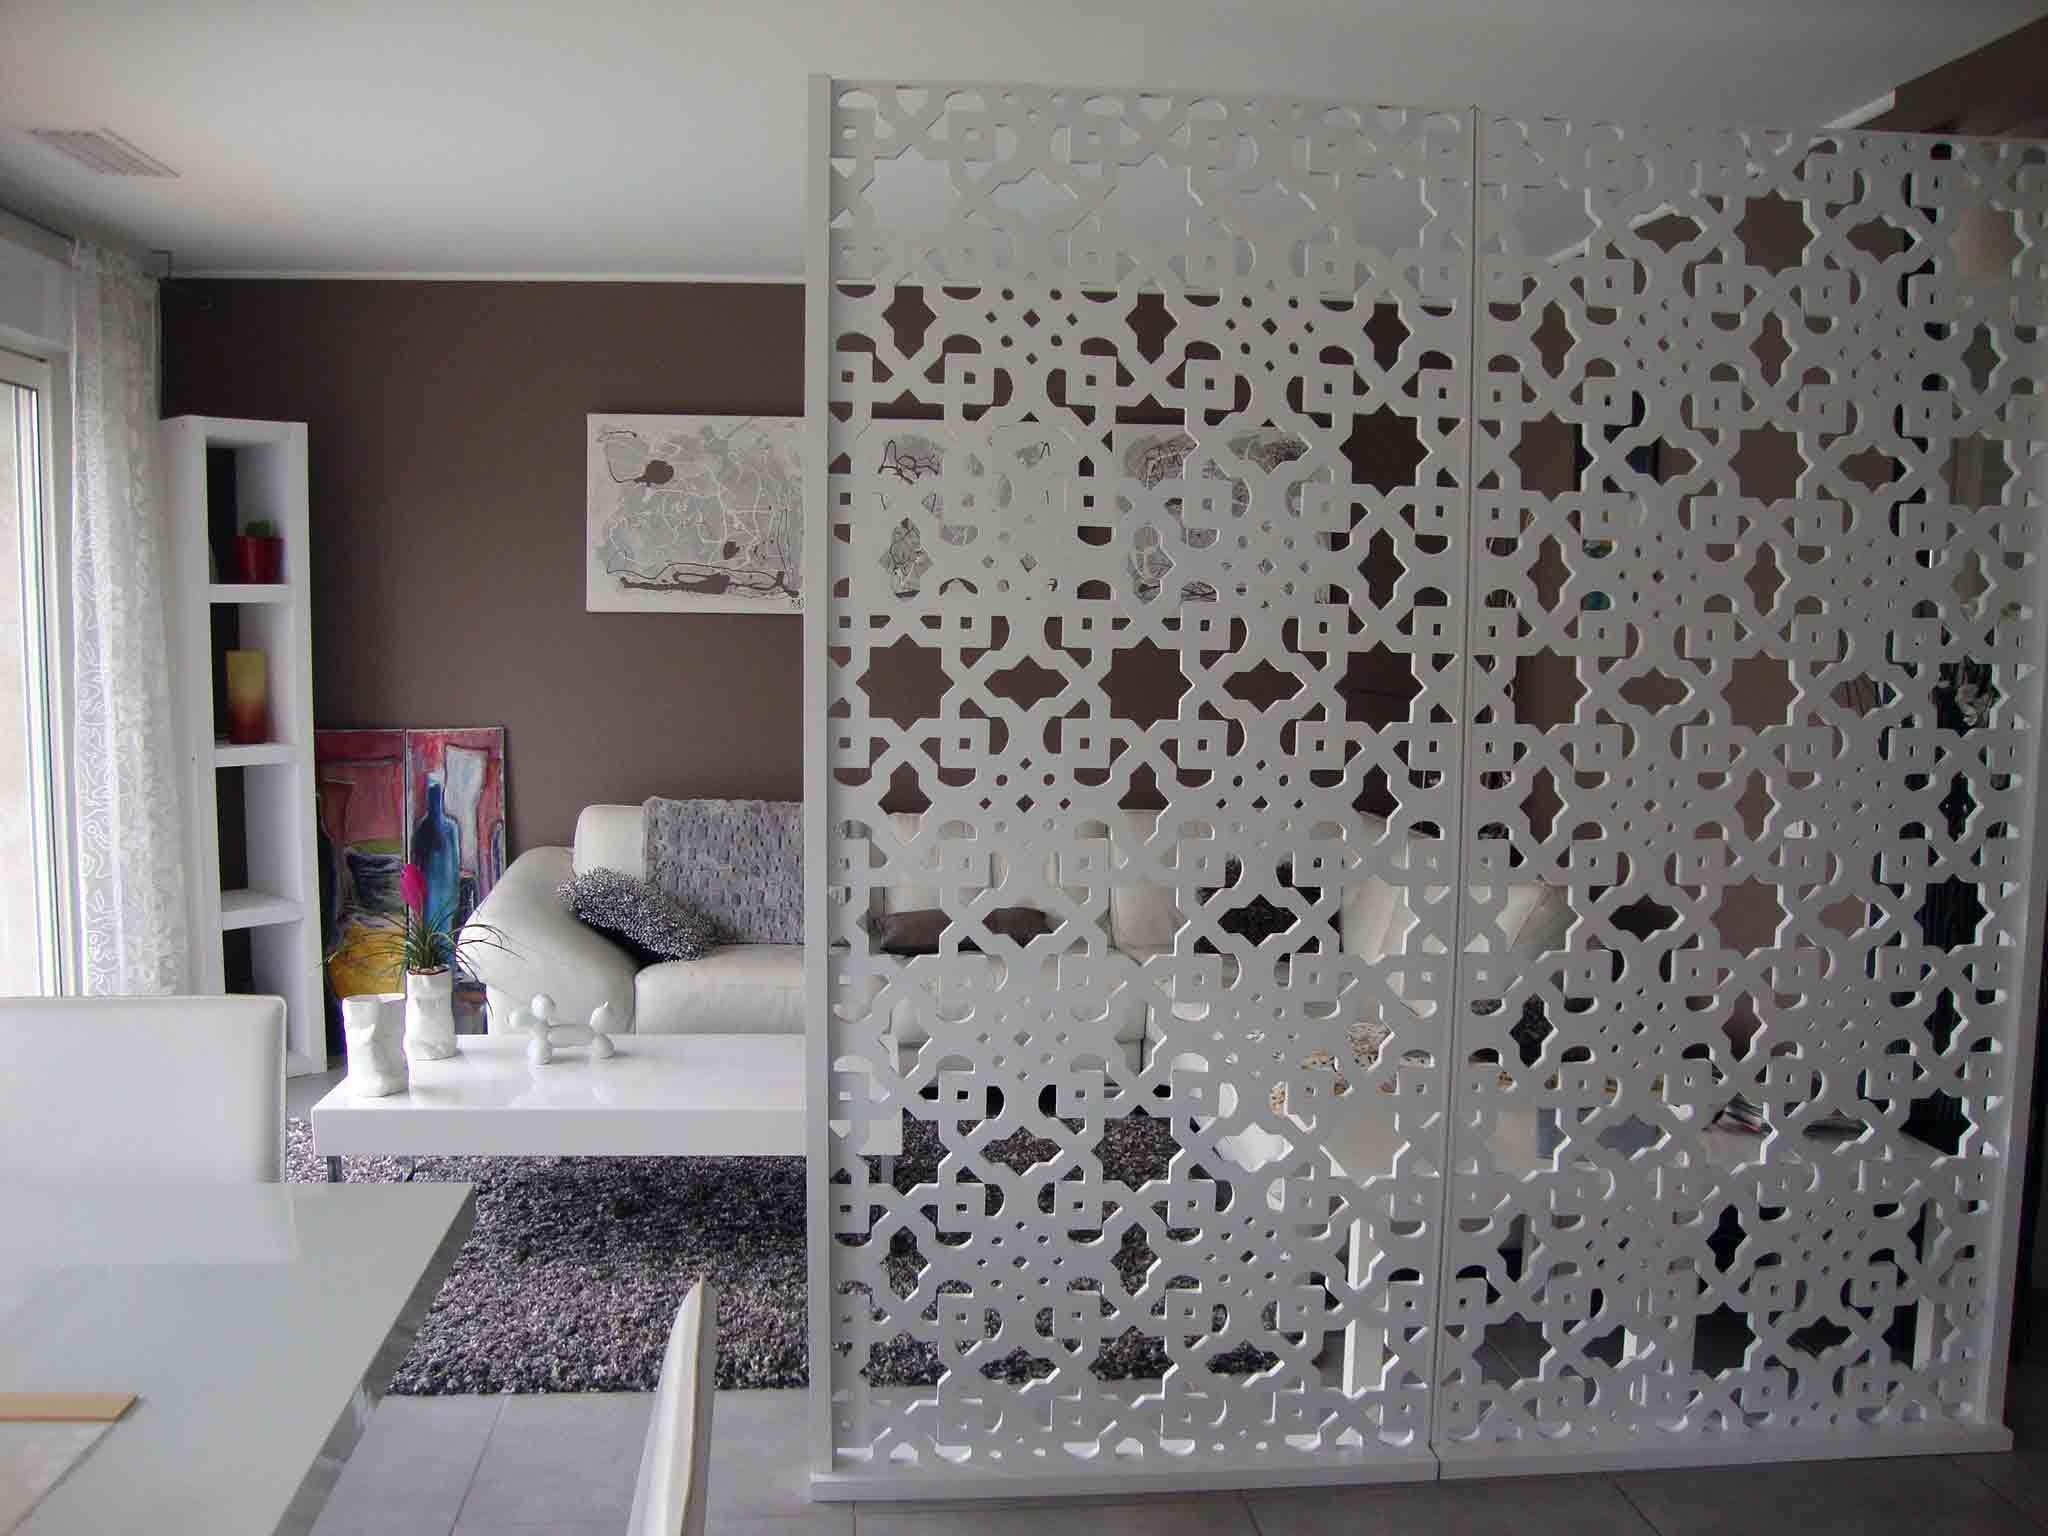 photos de r alisations de claustra et d coration d. Black Bedroom Furniture Sets. Home Design Ideas